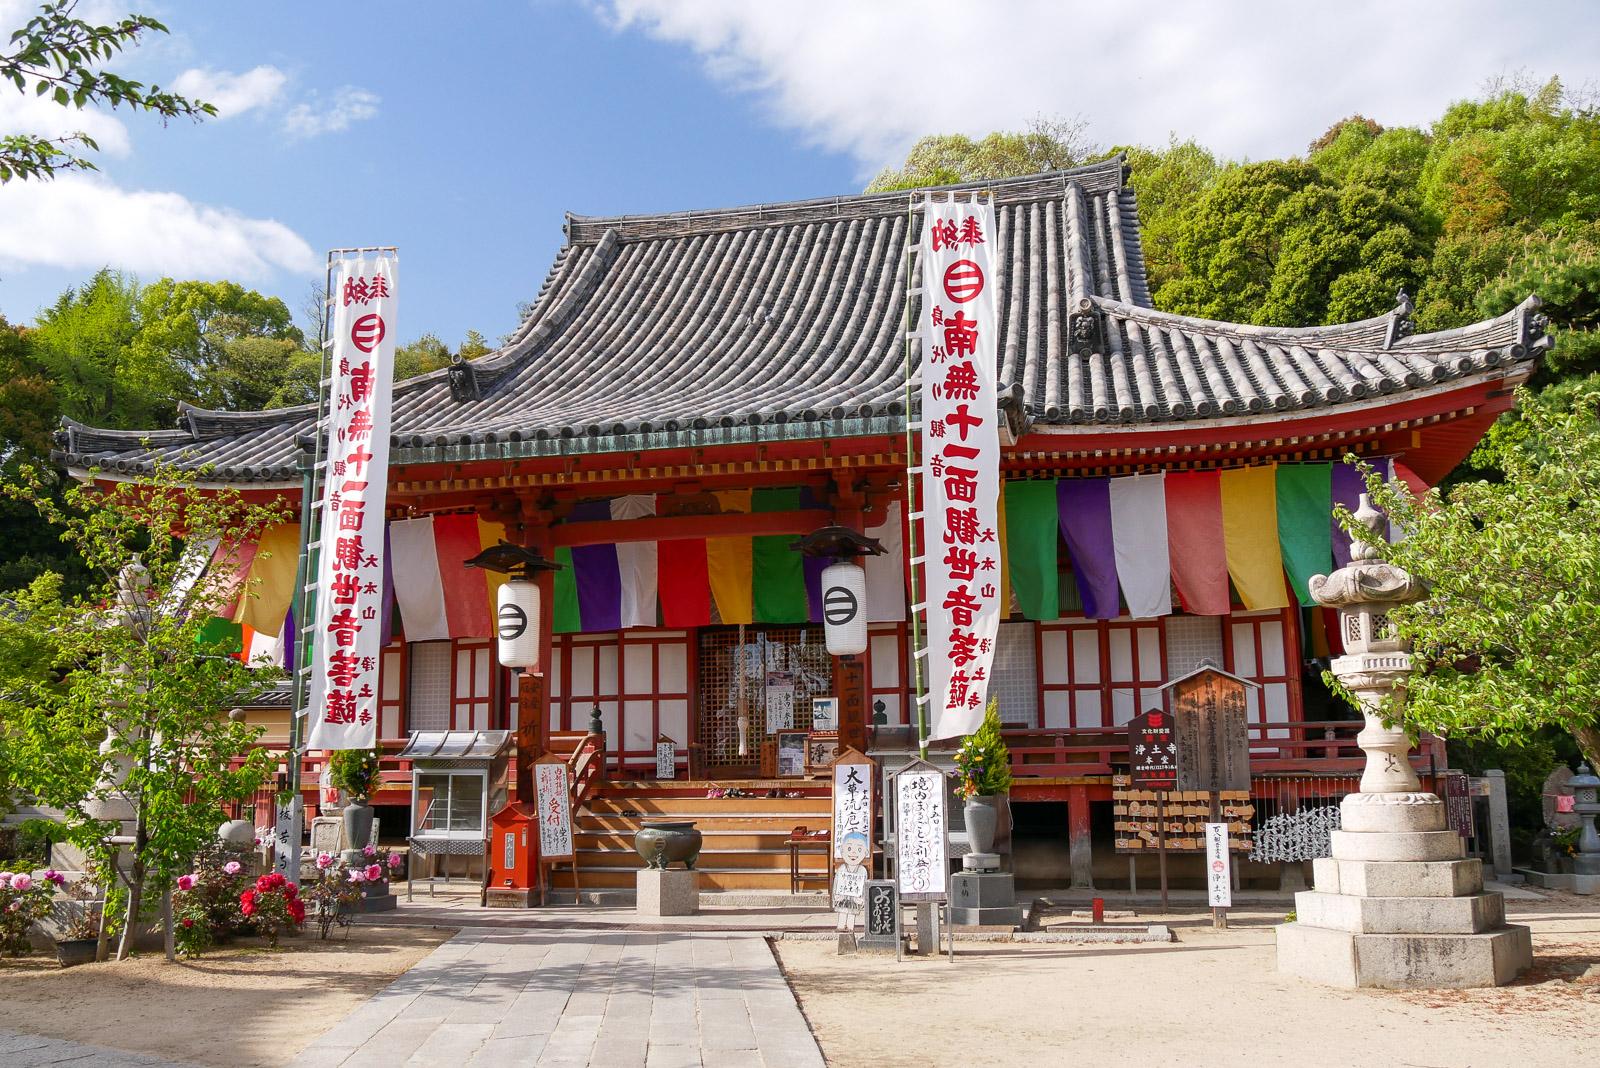 転法輪山 浄土寺